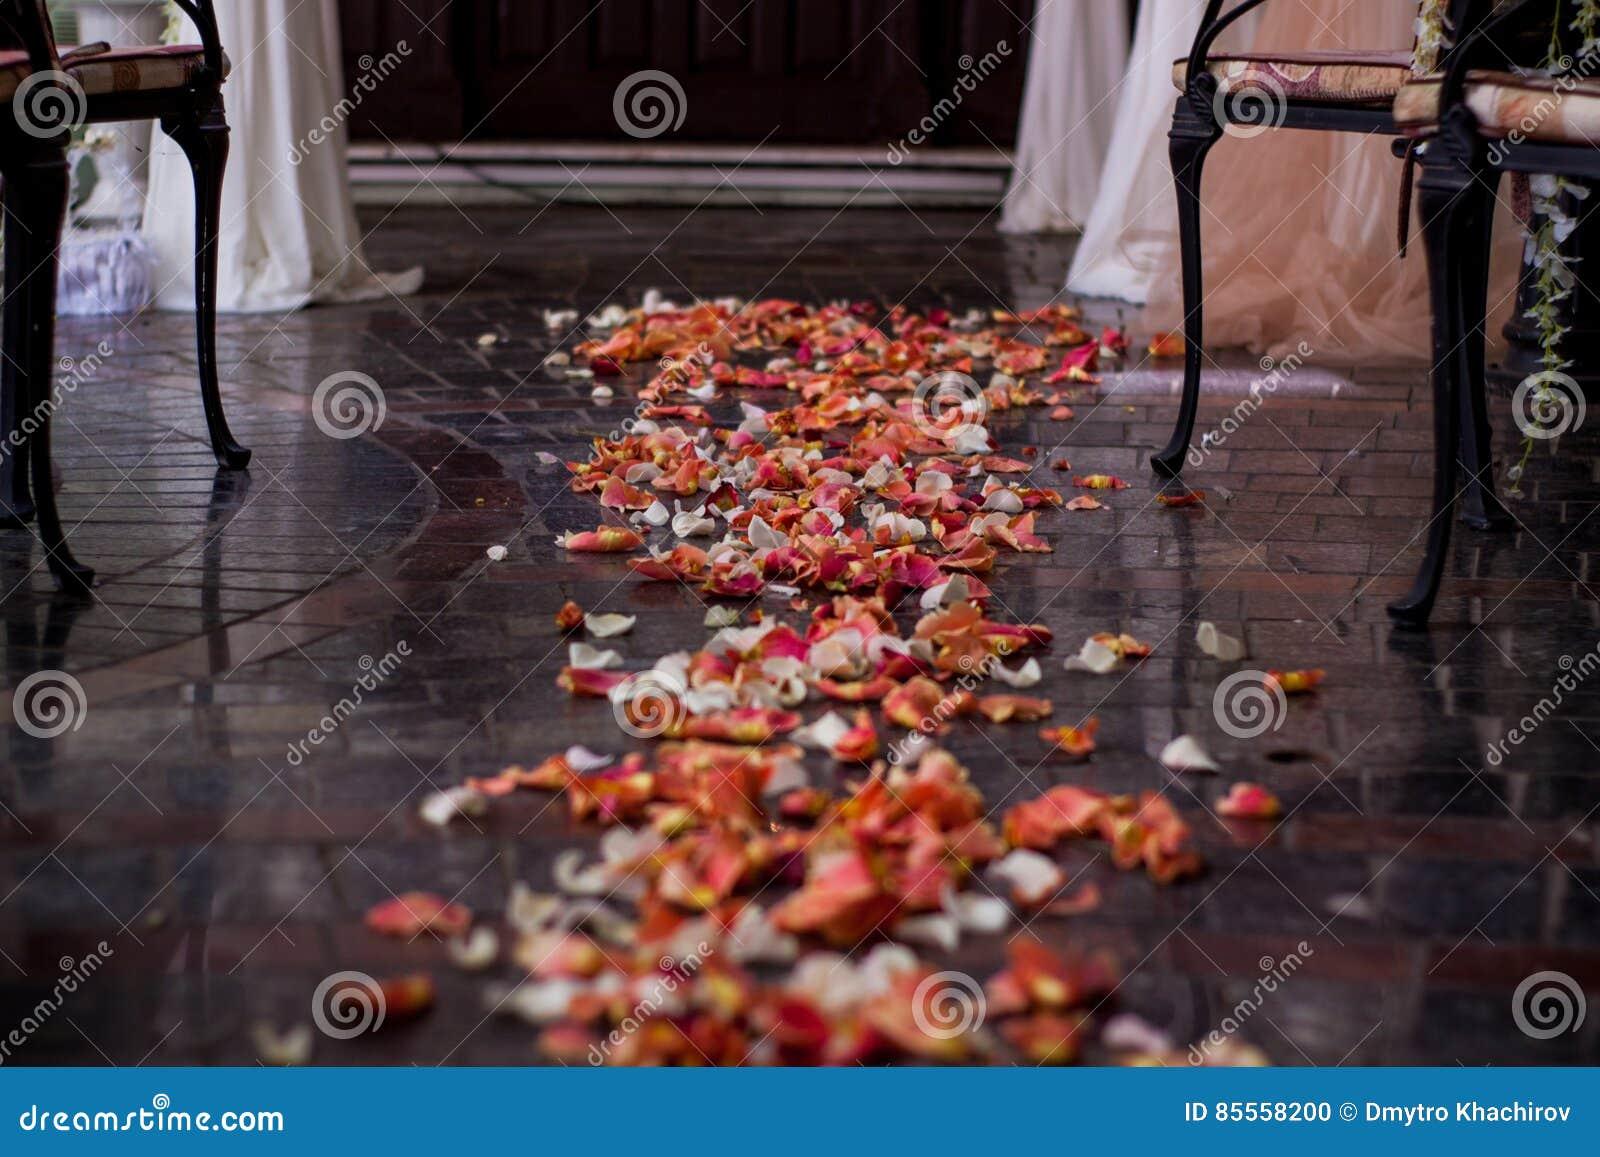 Gestreut mit Bahn der rosafarbenen Blumenblätter